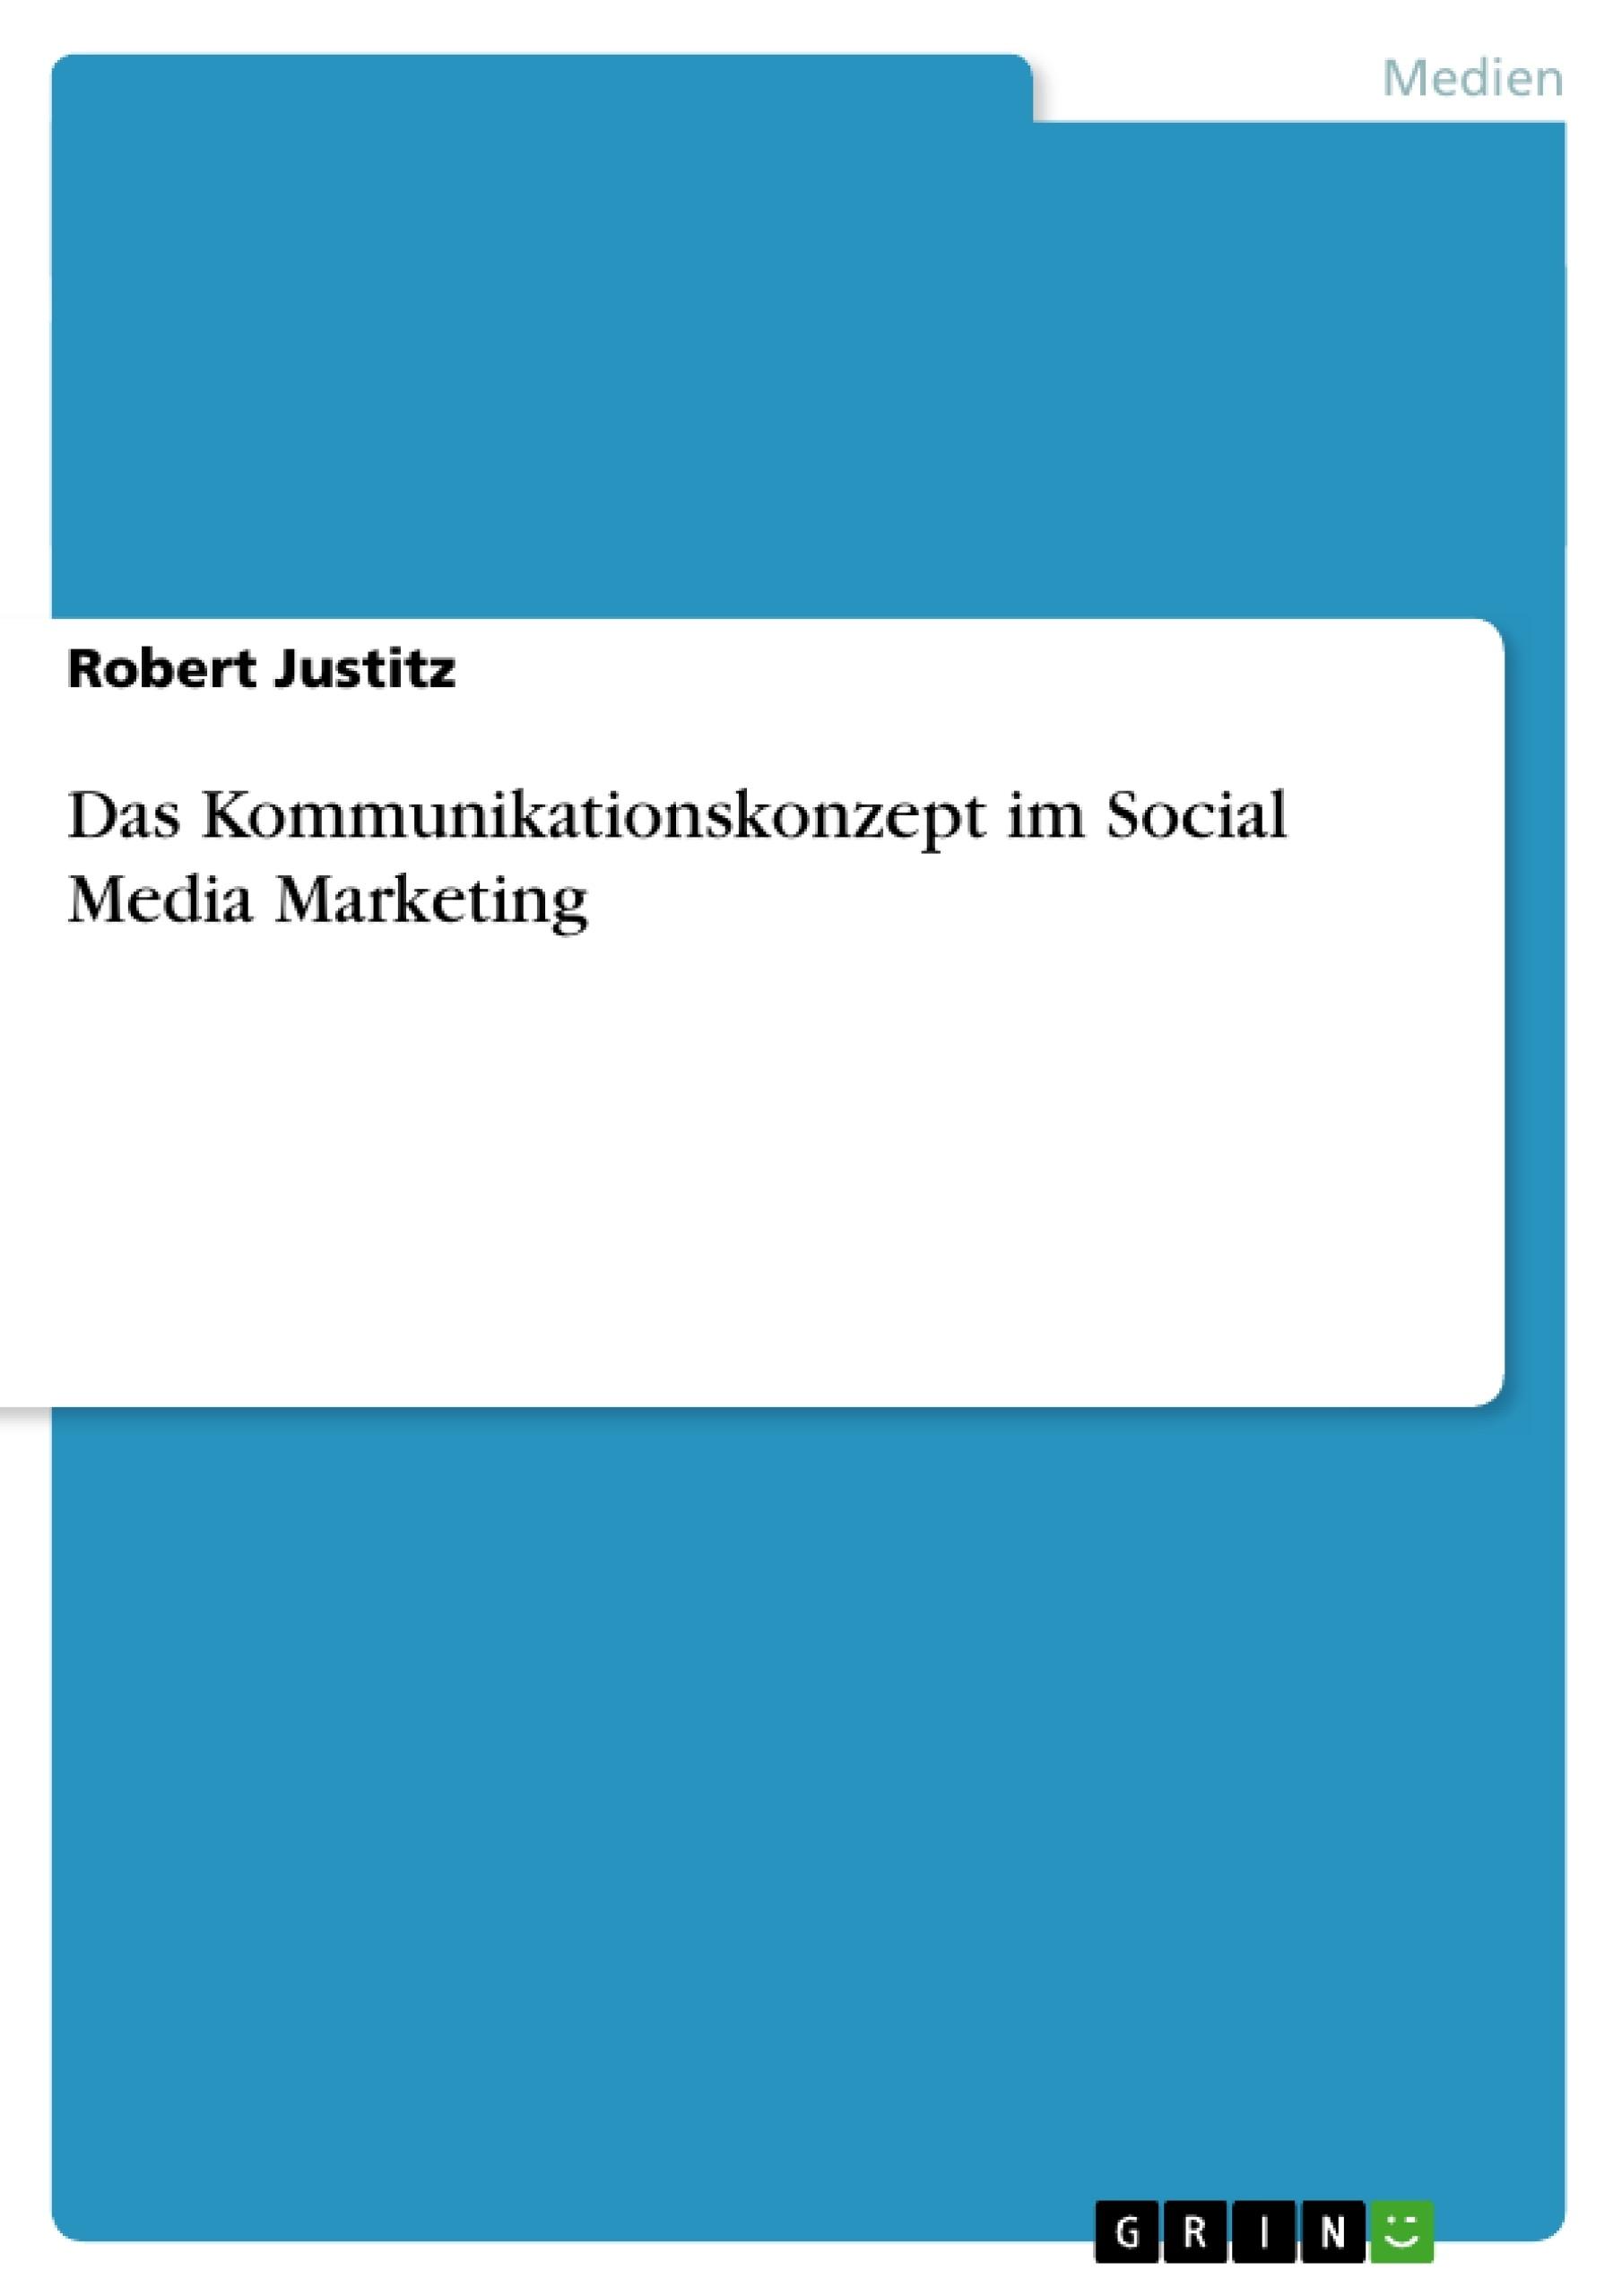 Titel: Das Kommunikationskonzept im Social Media Marketing